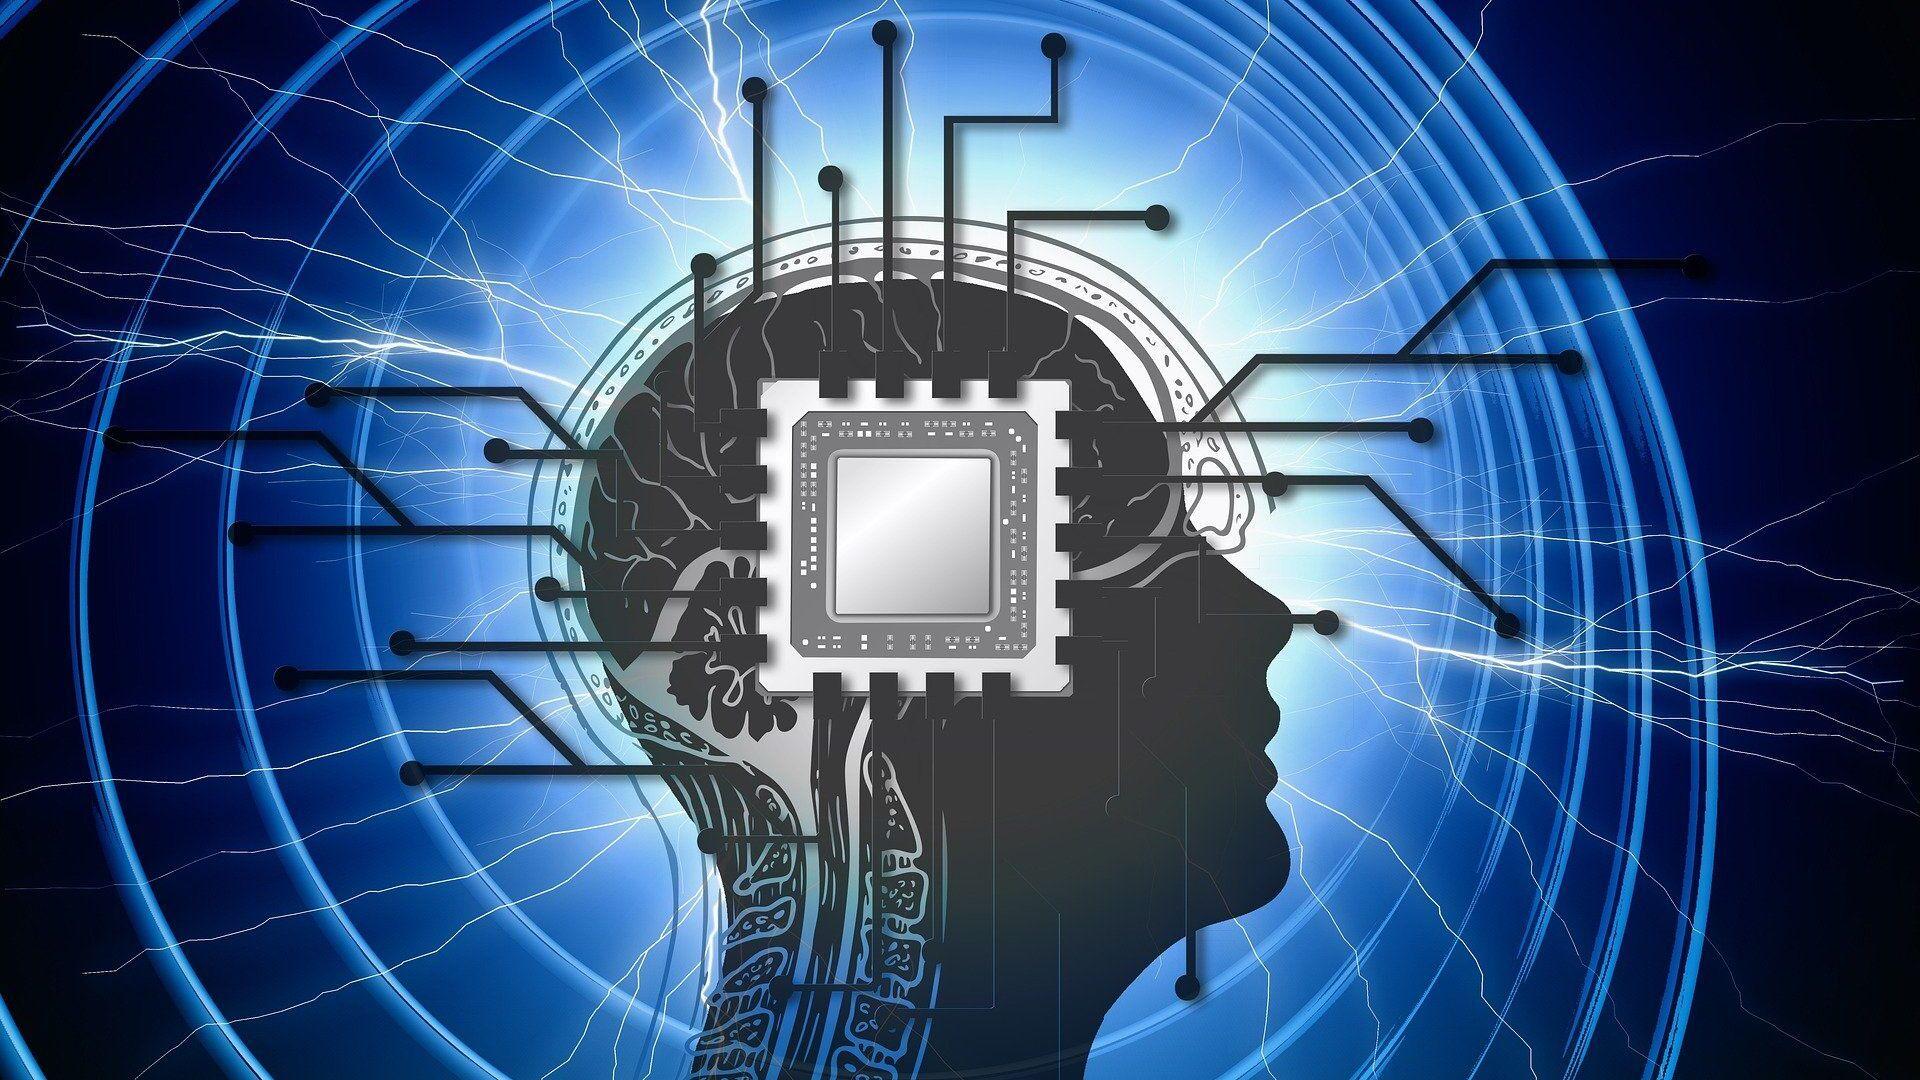 Un chip en el cerebro (imagen referencial) - Sputnik Mundo, 1920, 03.02.2021